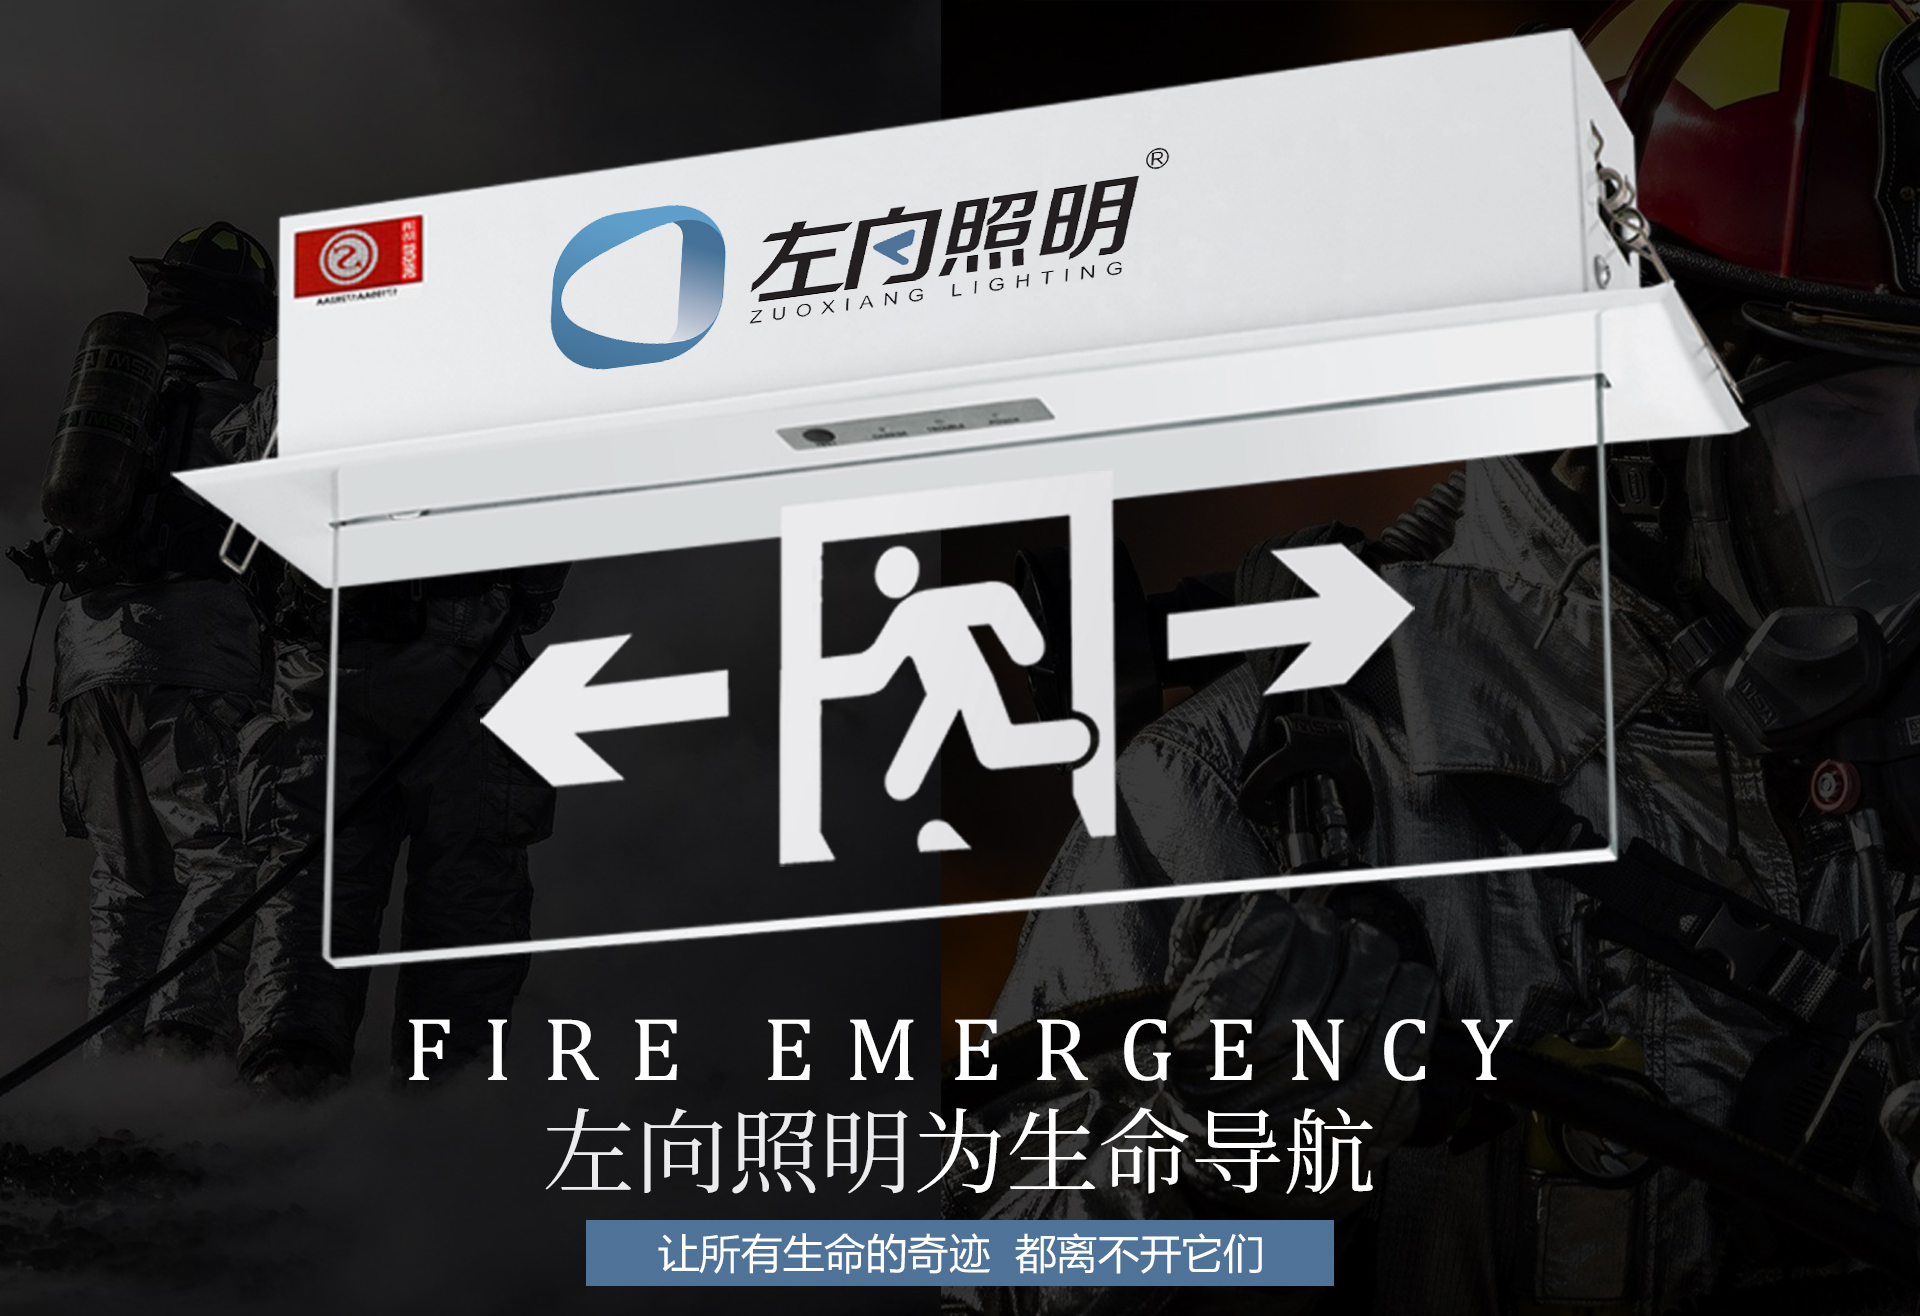 消防應急燈廠家左向照明的應急燈產品相關介紹